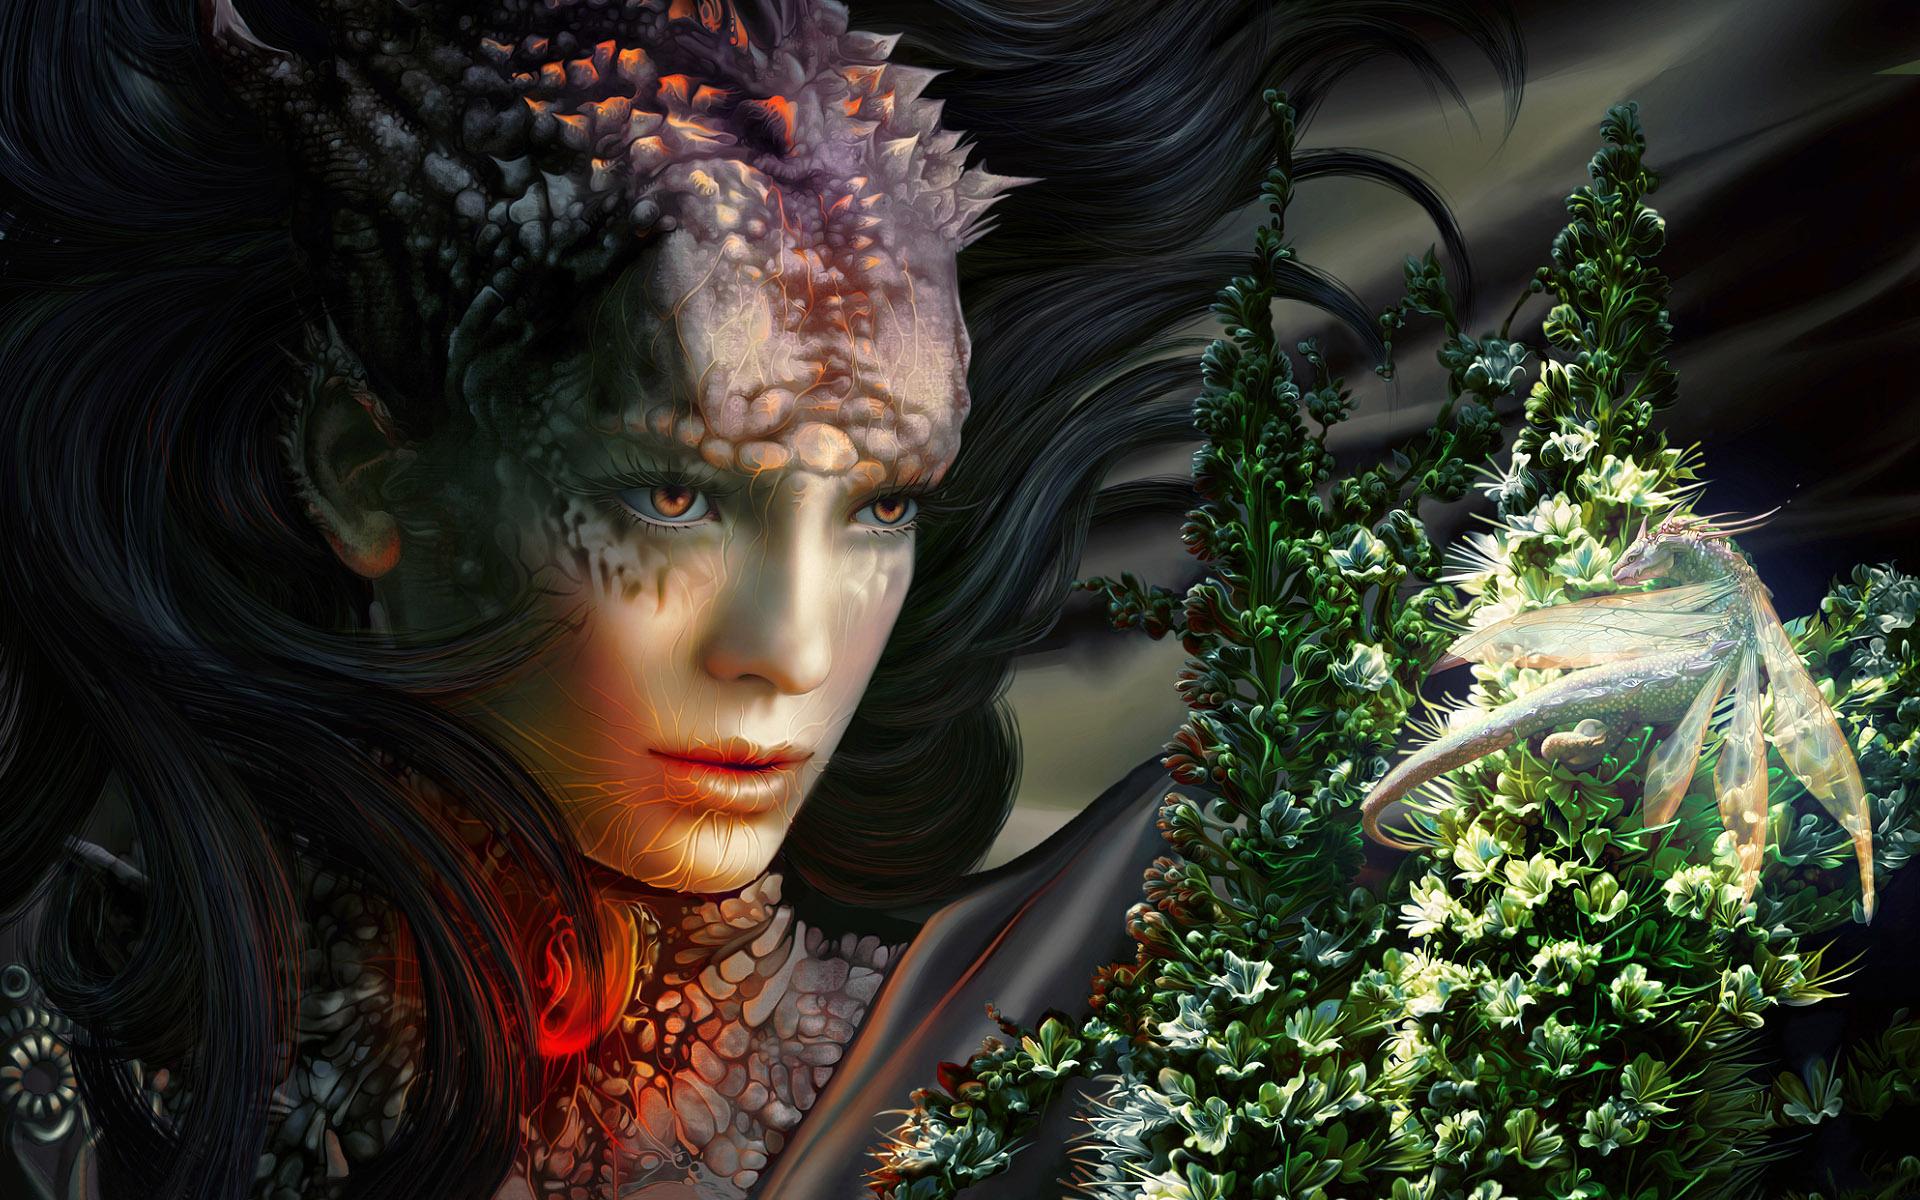 fairy tale fantasy desktop wallpapers 1400x1050